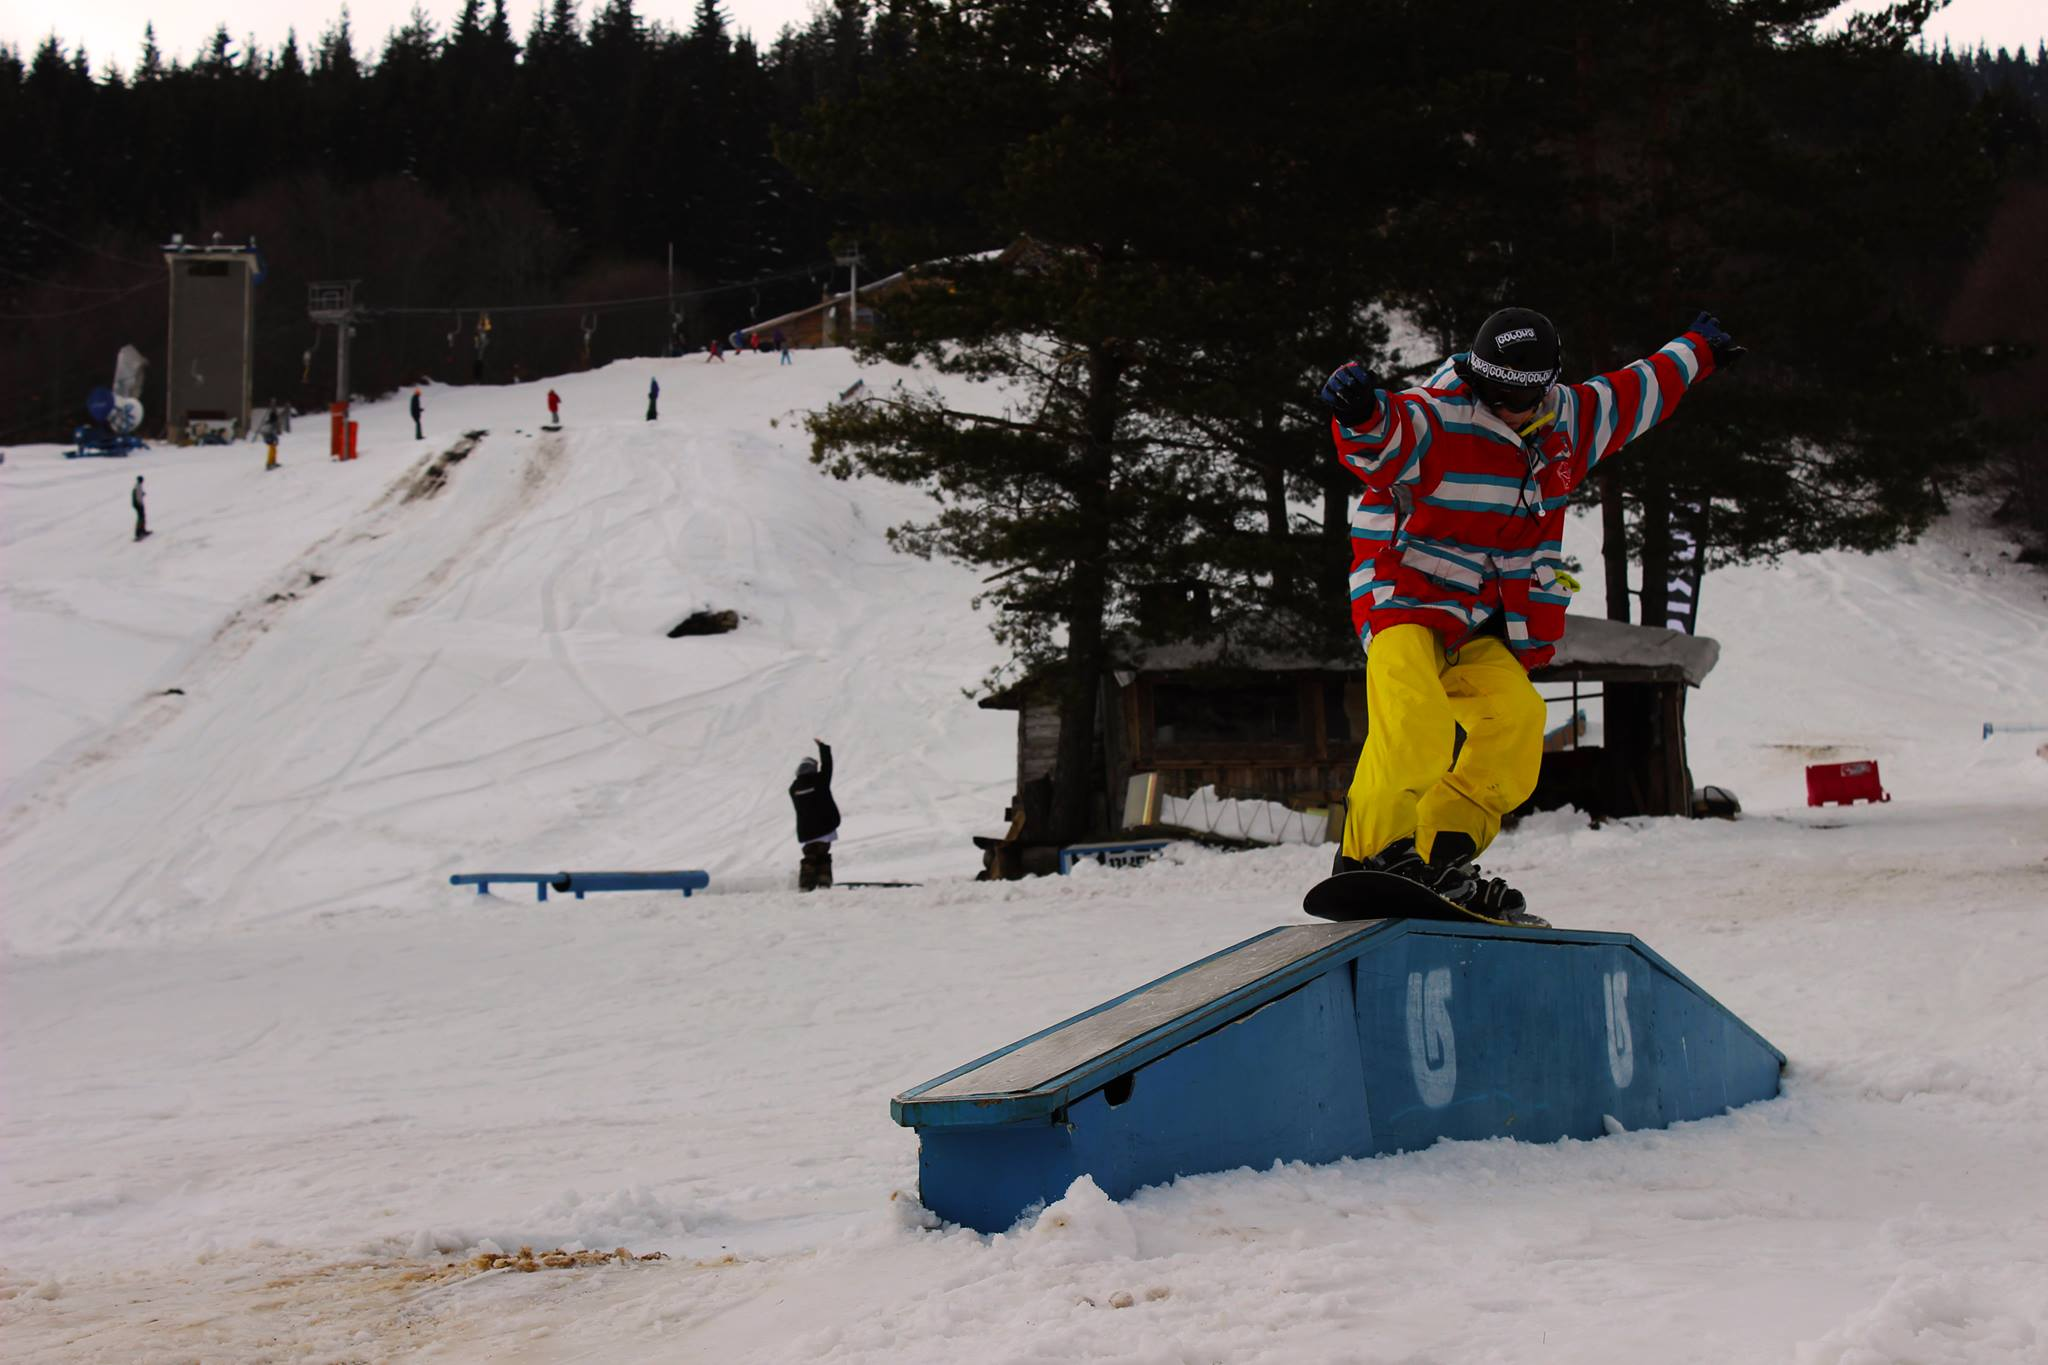 сноуборд, лагер, сноуборд уроци, осогово, jibbing